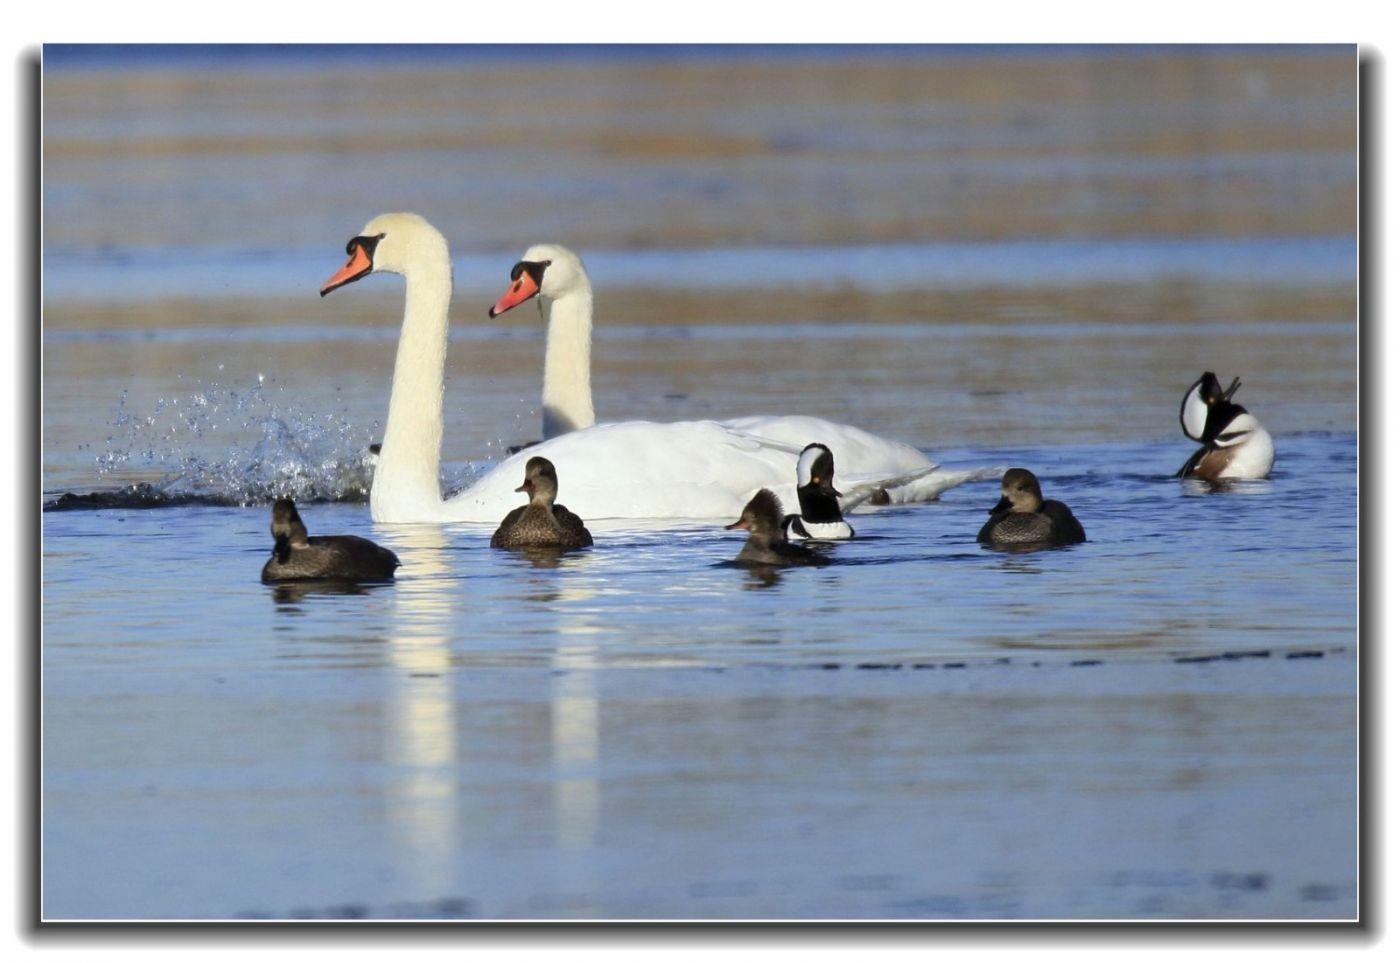 牙买加野生动物保护区拍天鹅及水鸟_图1-7